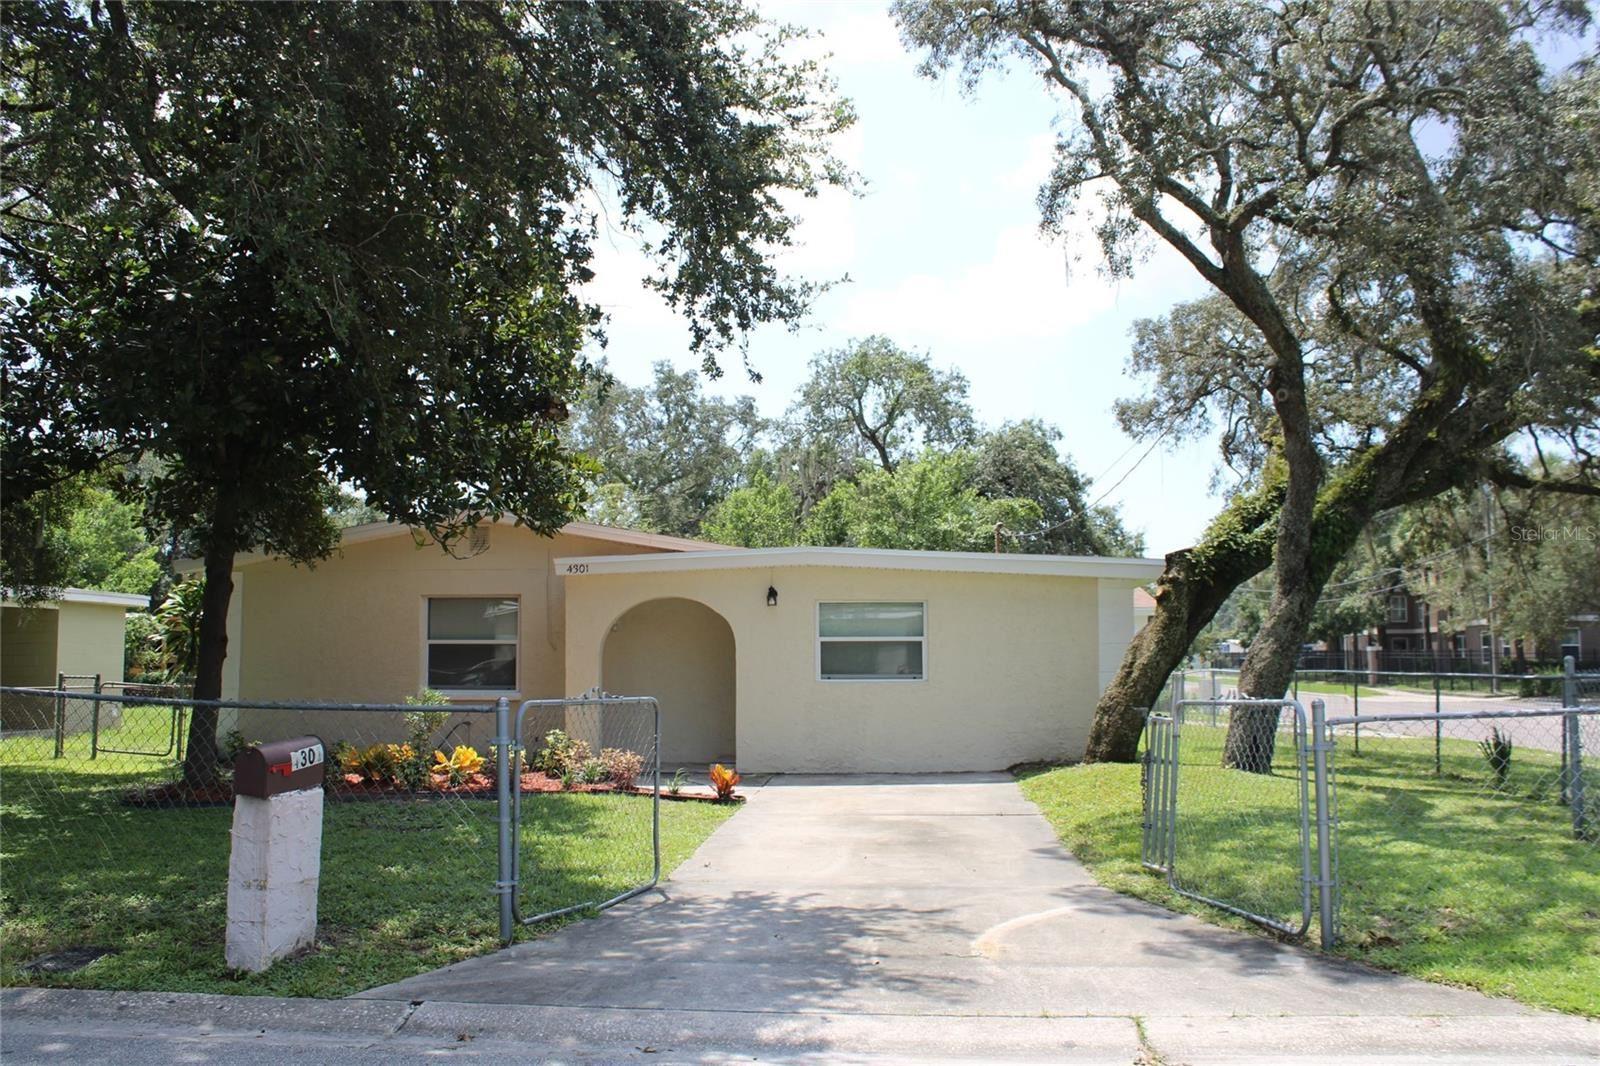 4301 W DELEUIL AVENUE, Tampa, FL 33610 - #: T3328352